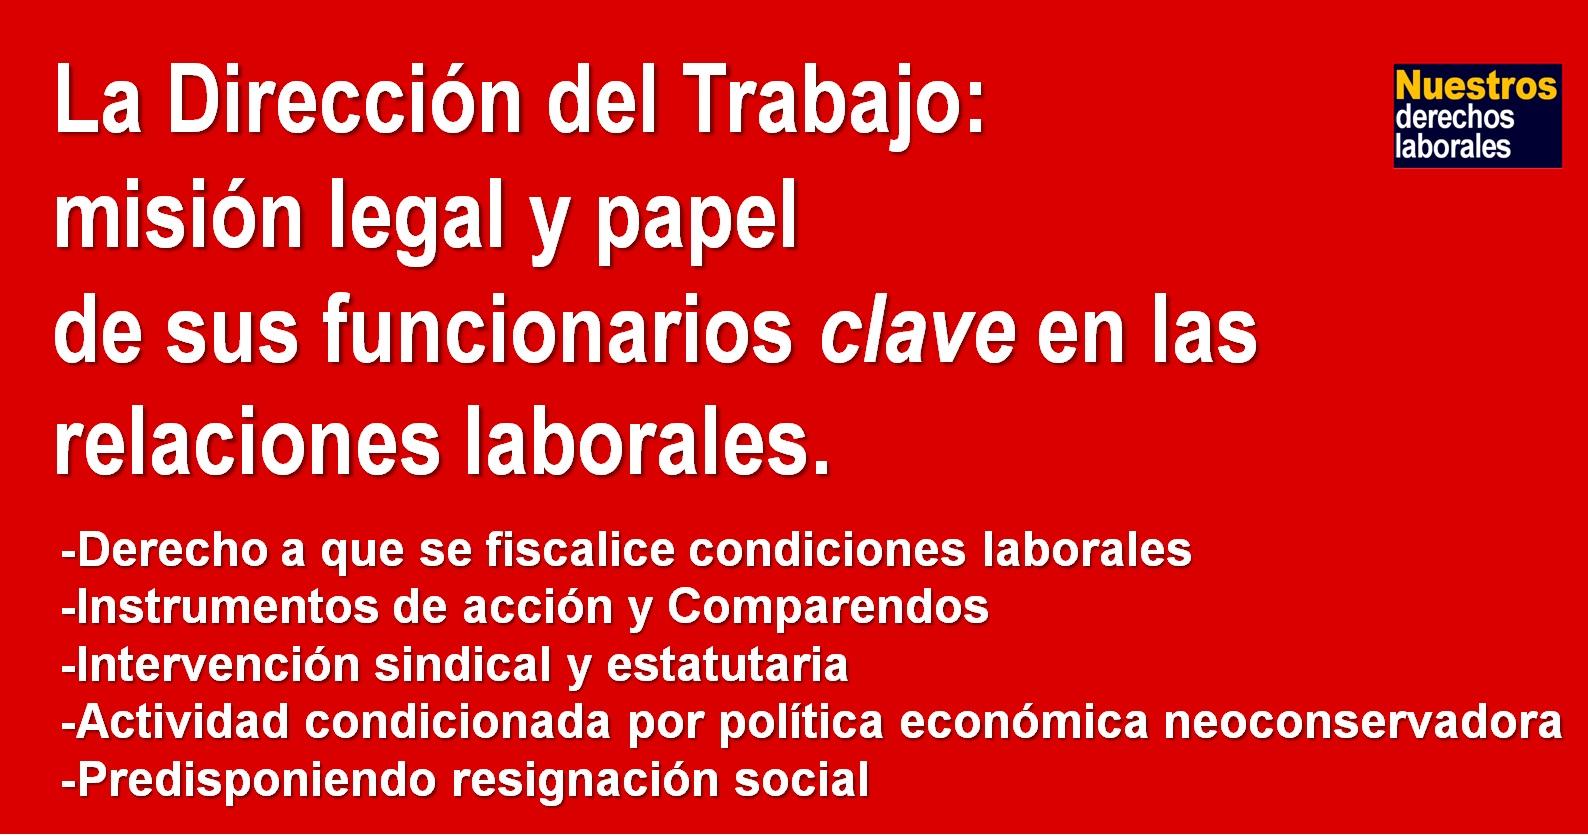 La DIRECCIÓN de TRABAJO: Misión legal y conducta de sus funcionarios clave.